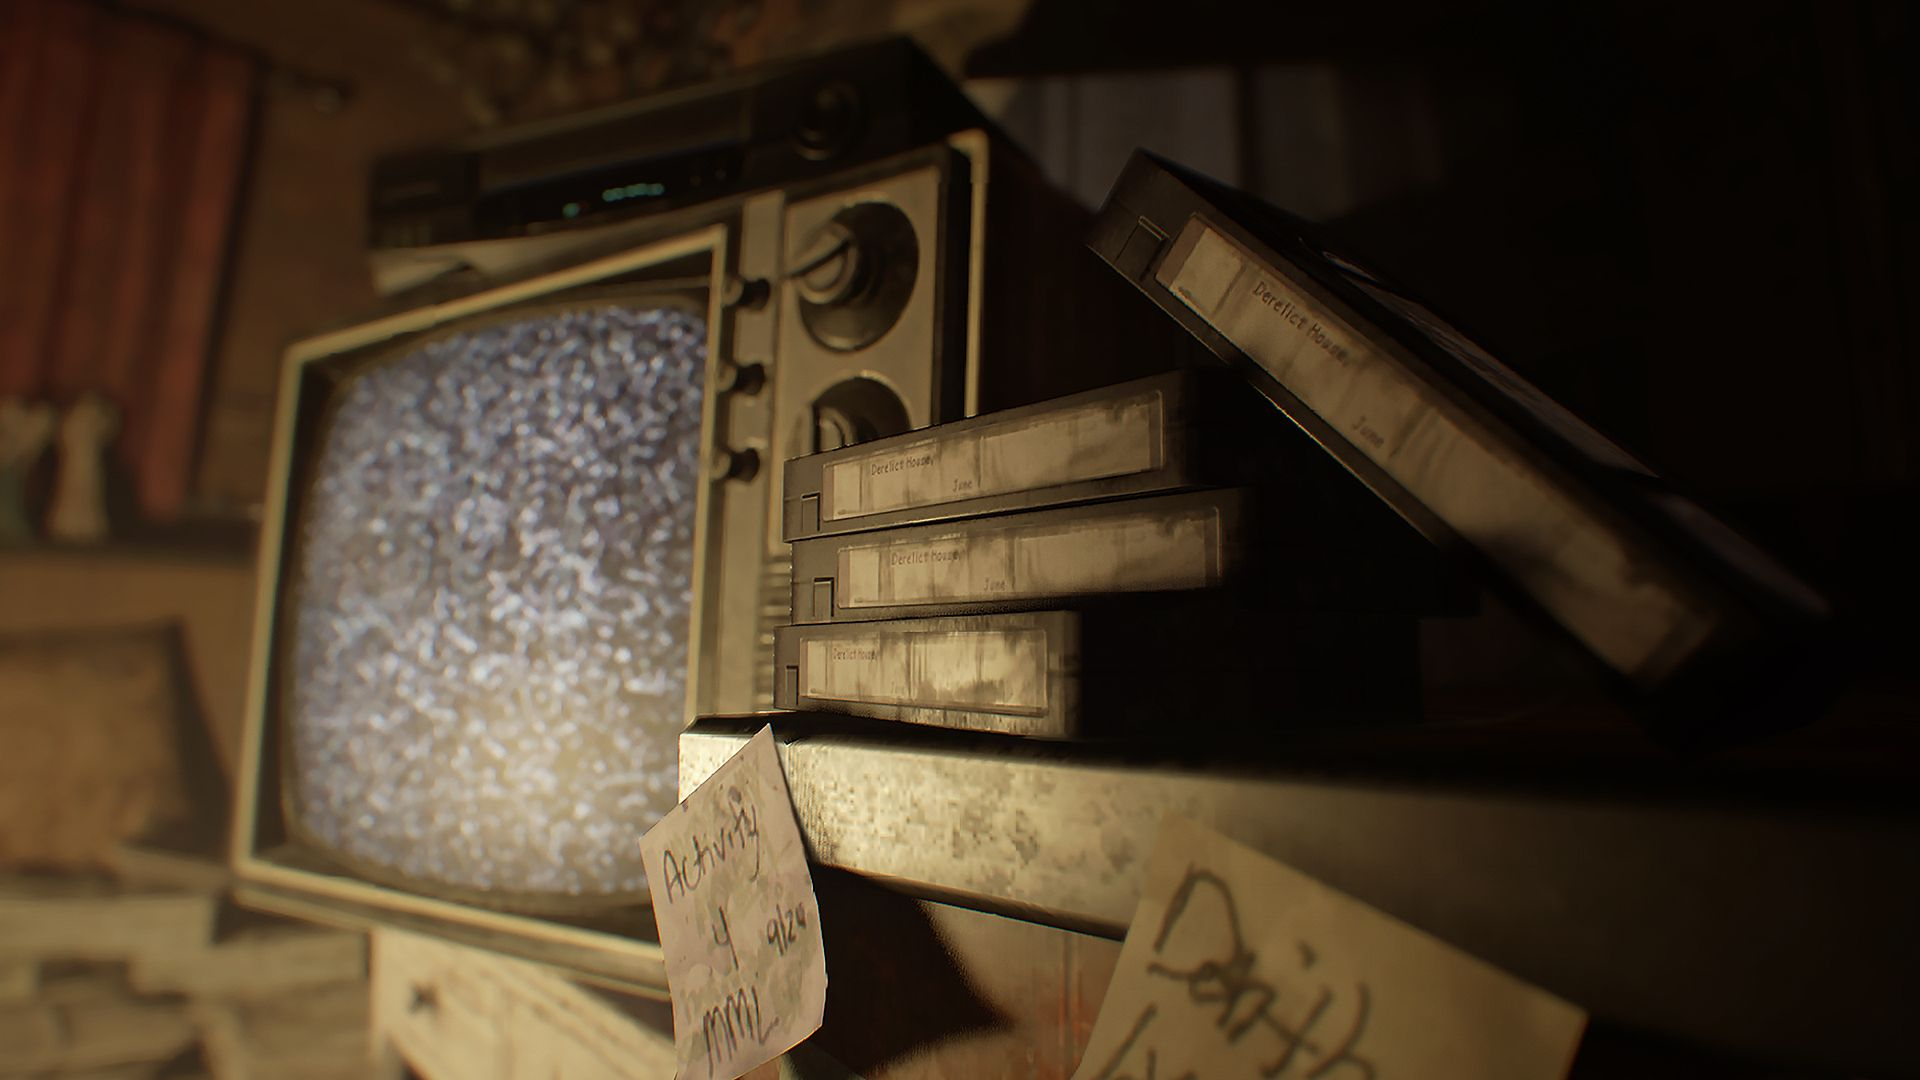 Binge Watch : Aurez-vous le courage de visionner en rafales toutes ces cassettes VHS?